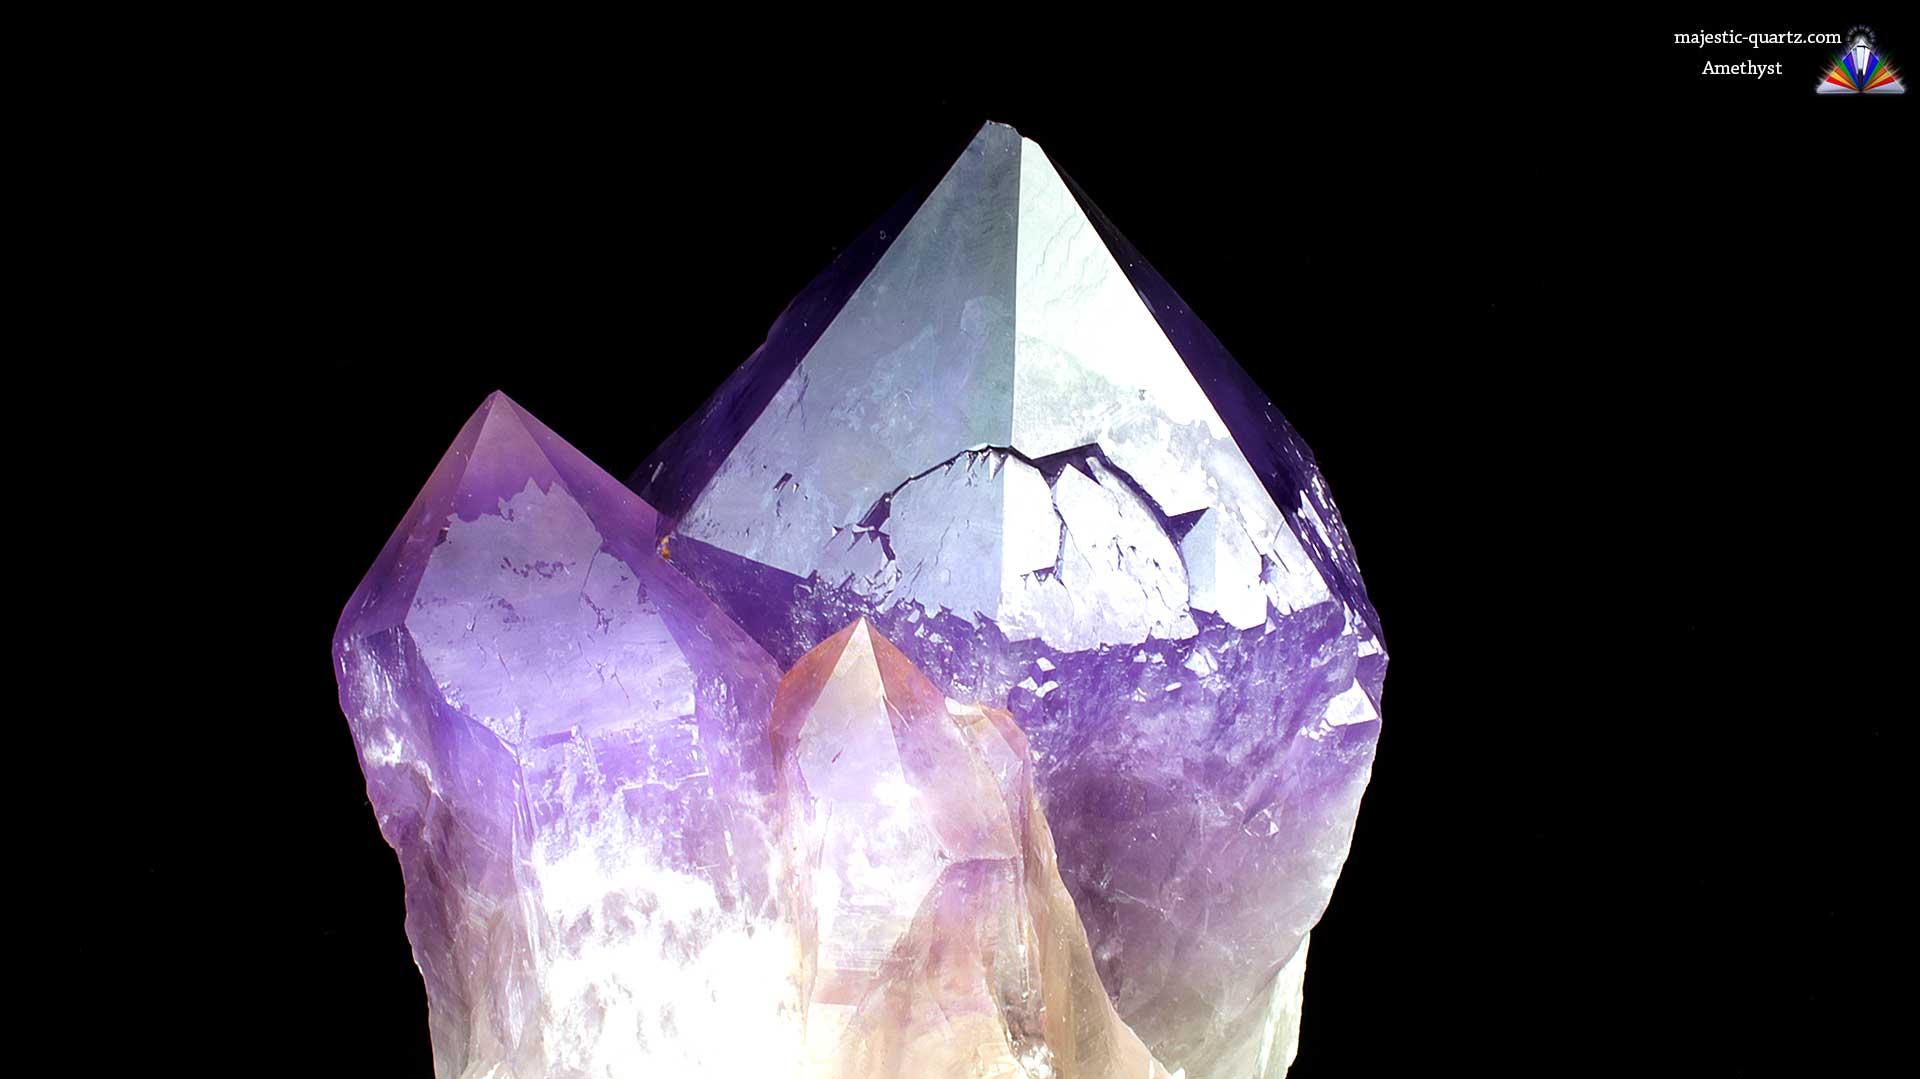 Amethyst Quartz Crystal Point - Mineral Specimen